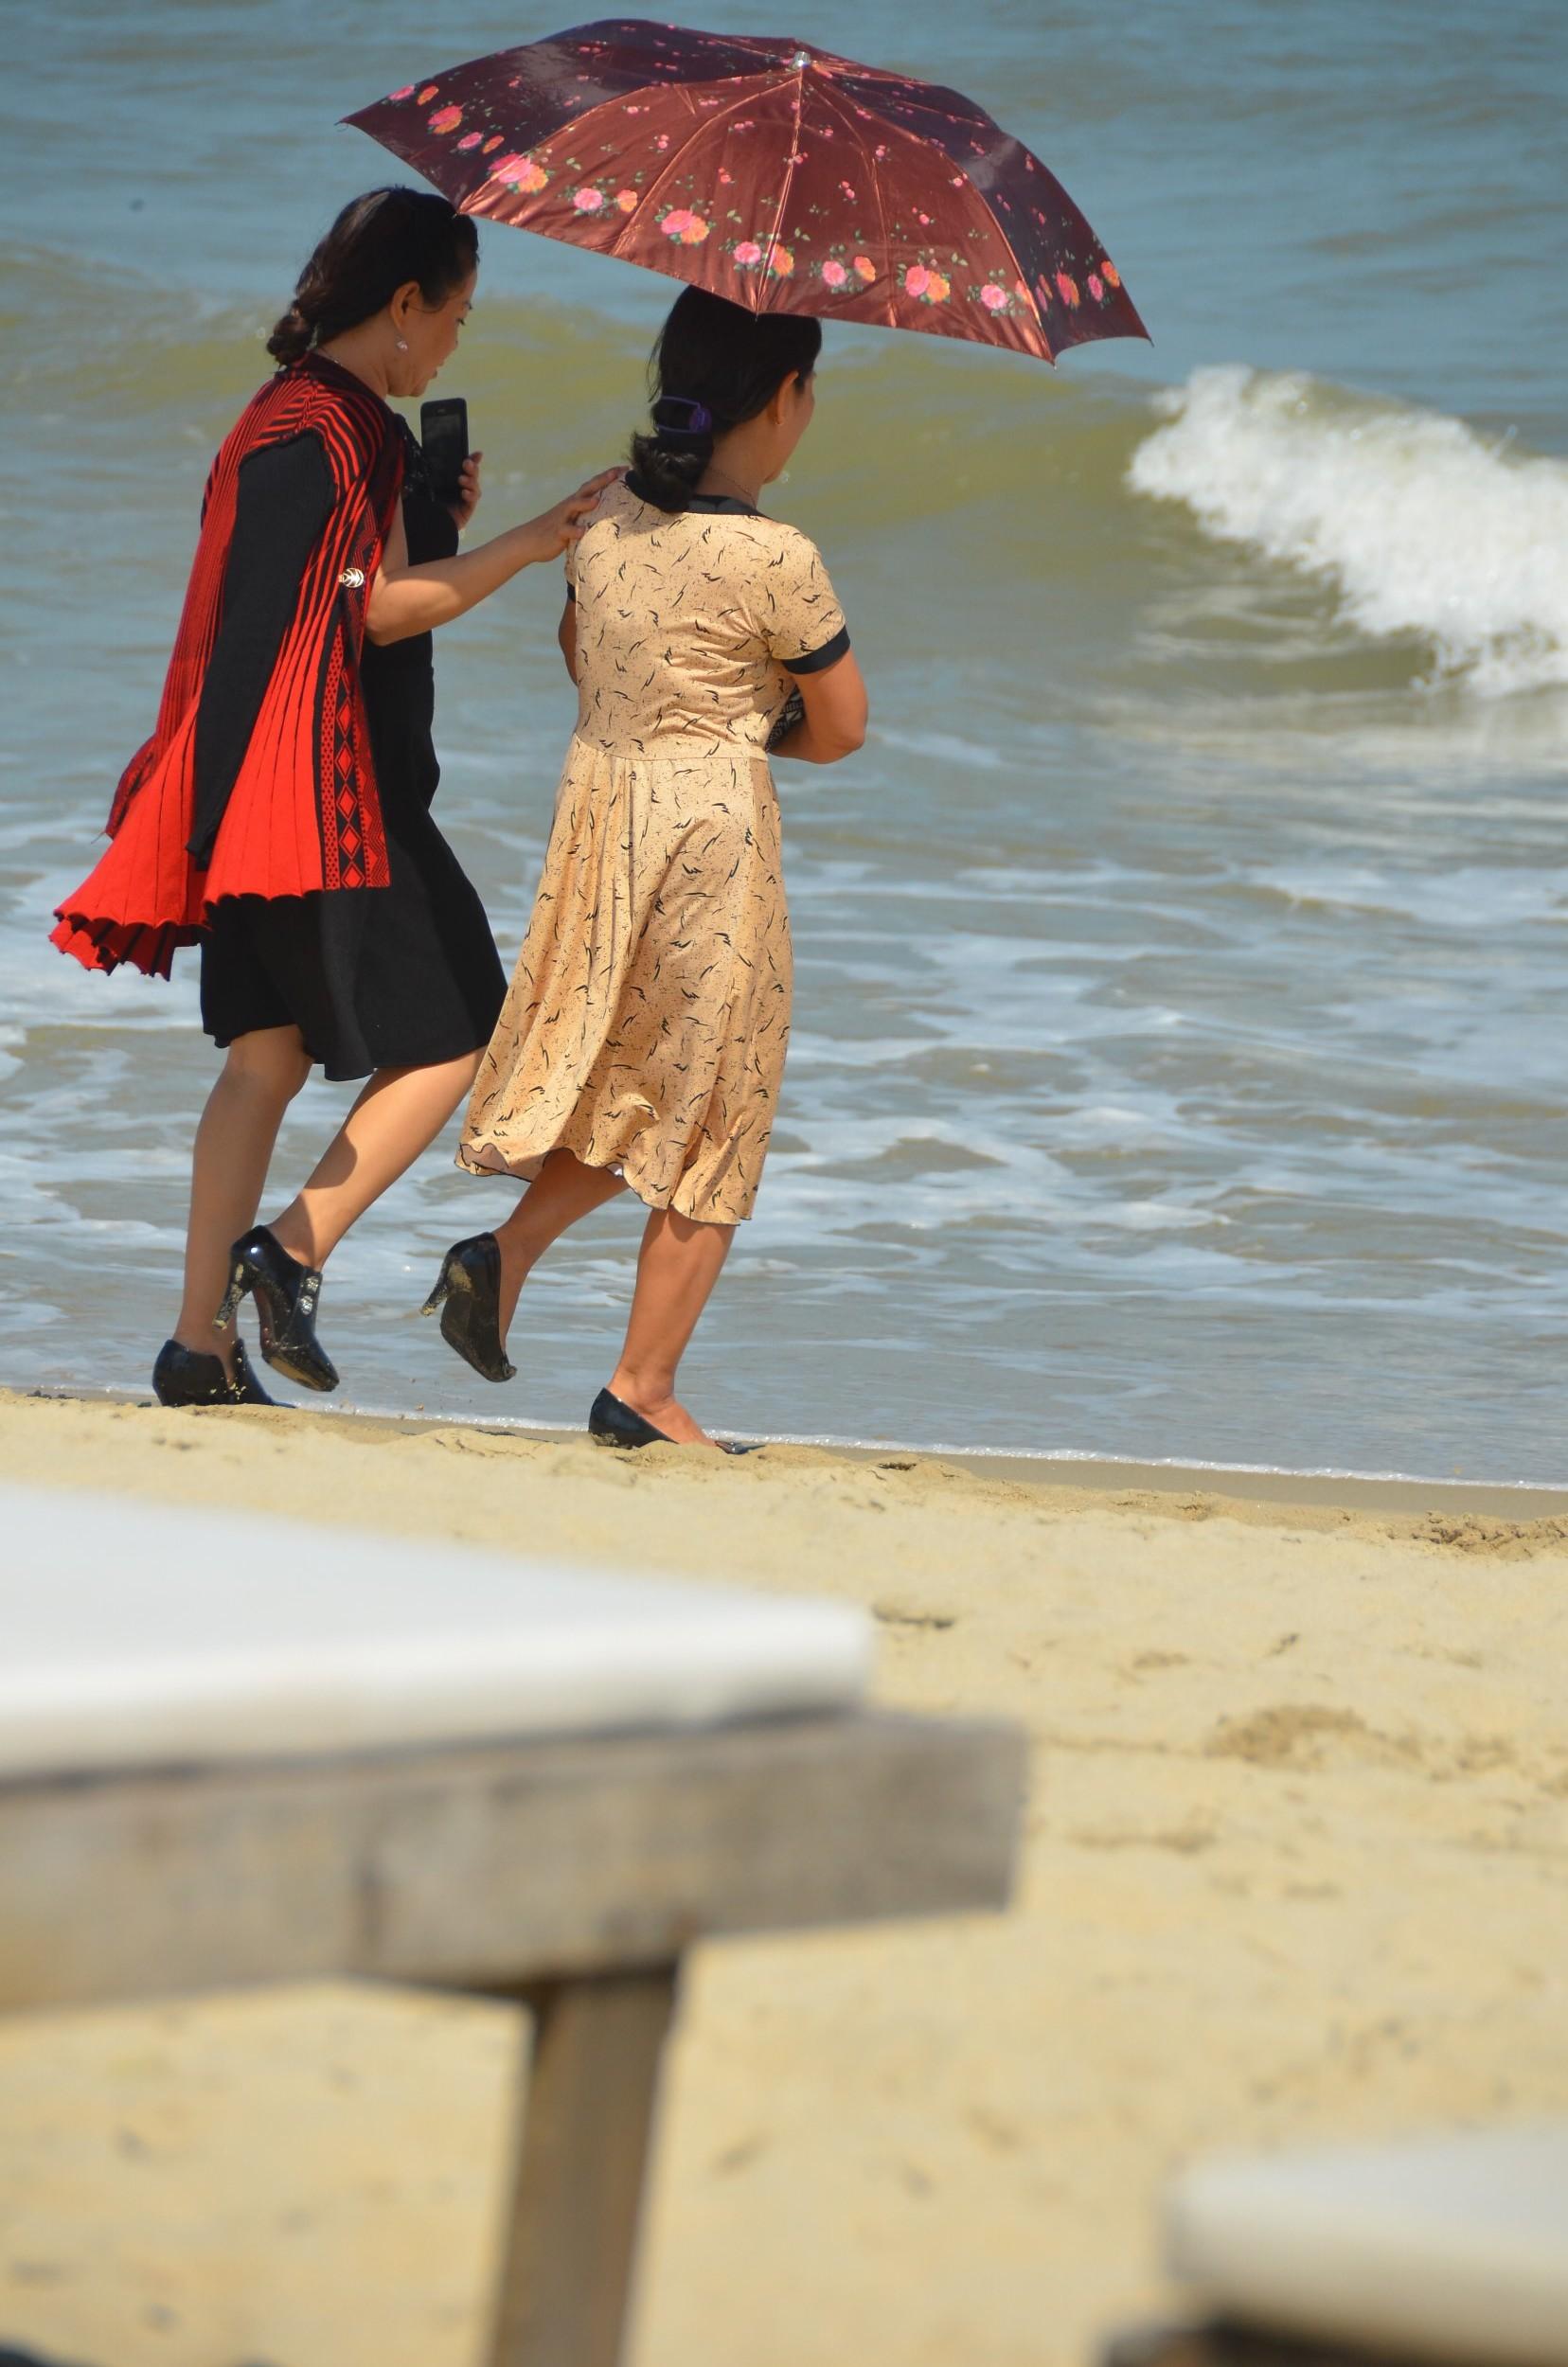 chineses, beira da praia, mar, praia, pulando onda, hoi an, sombrinha